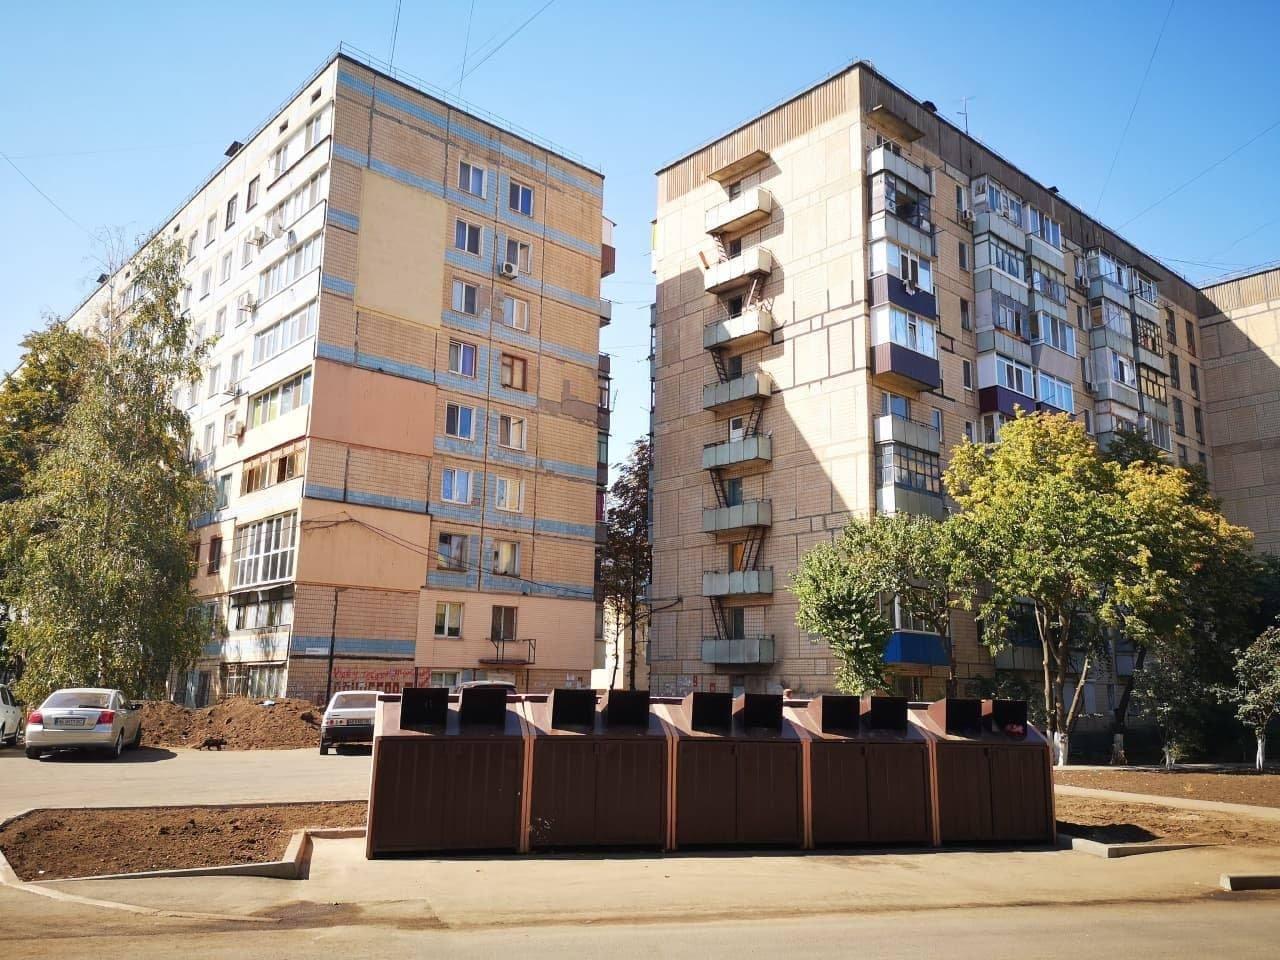 Ніяких компромісів щодо якості: Юрій Вілкул поставив завдання посилити контроль за якістю та строками виконання робіт з благоустрою на 4-м..., фото-8